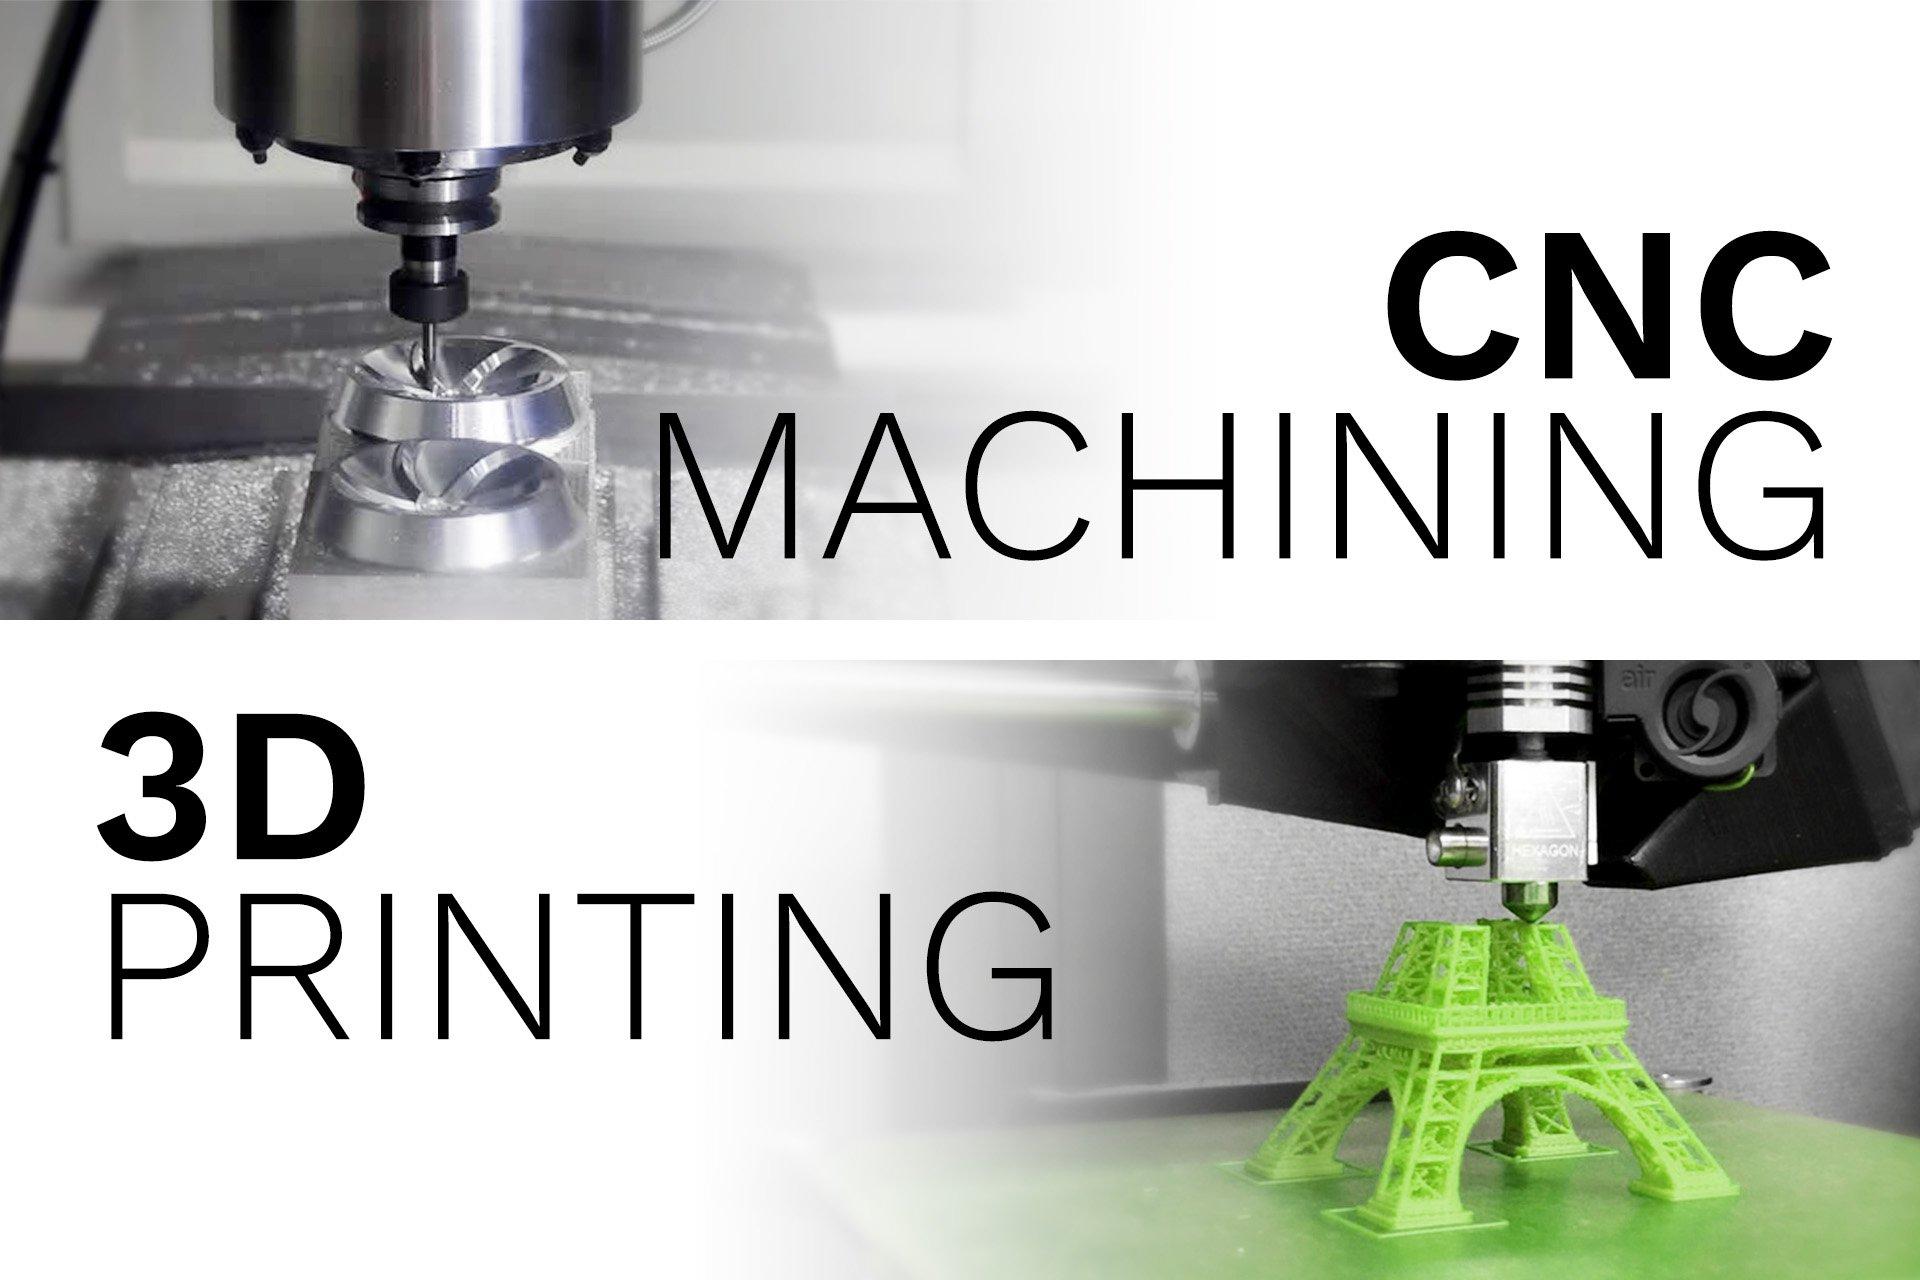 cnc-machining-vs-3d-printing